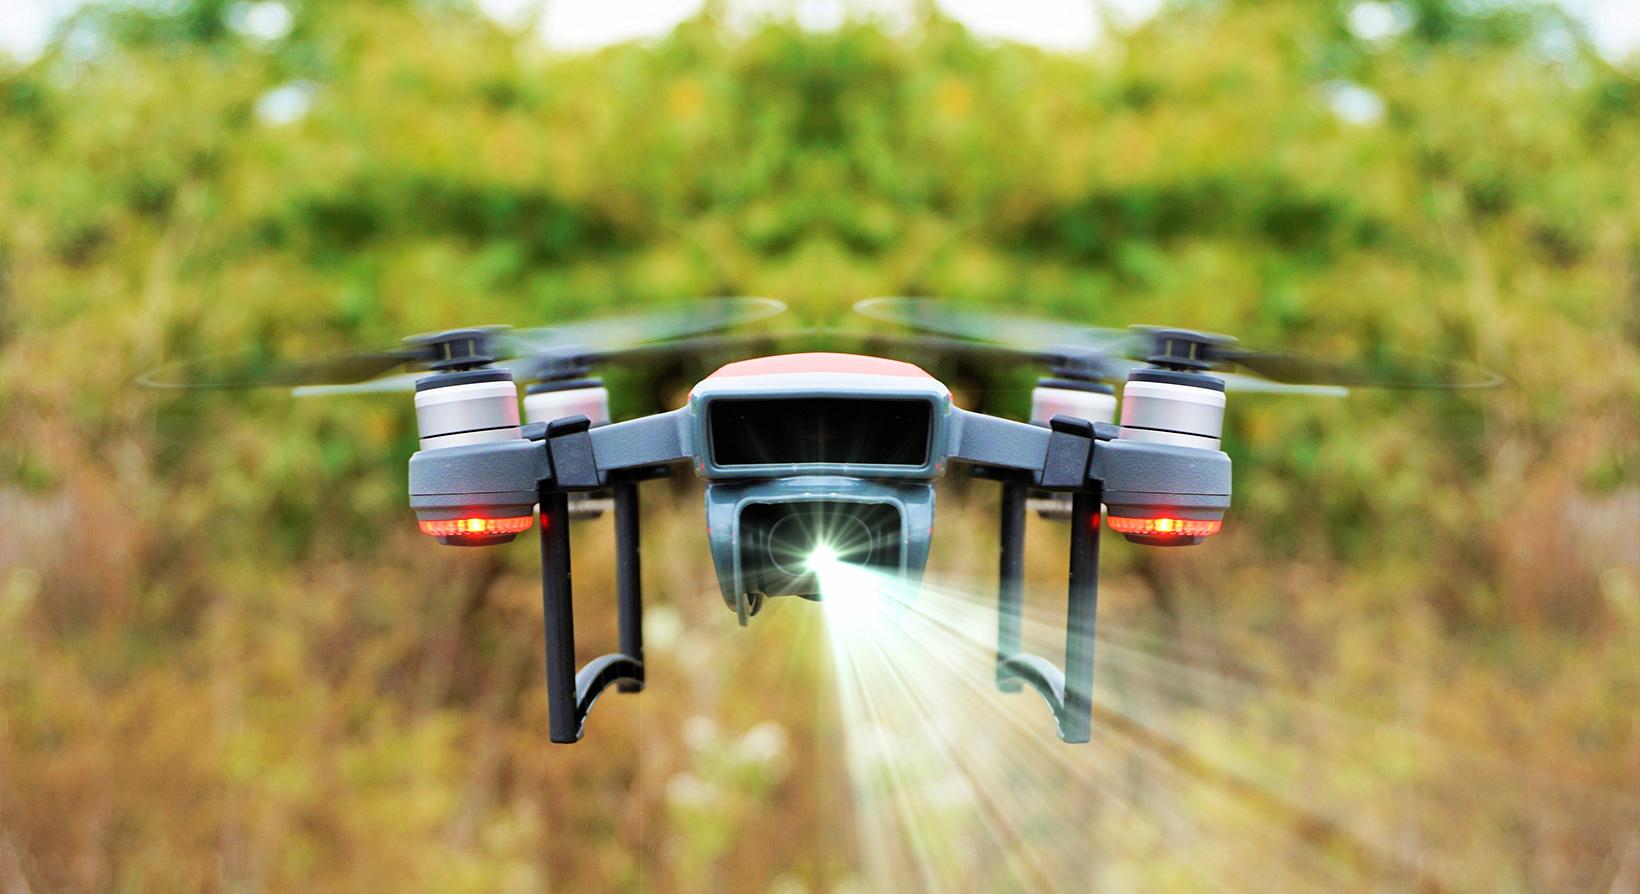 3d laser scanning drone